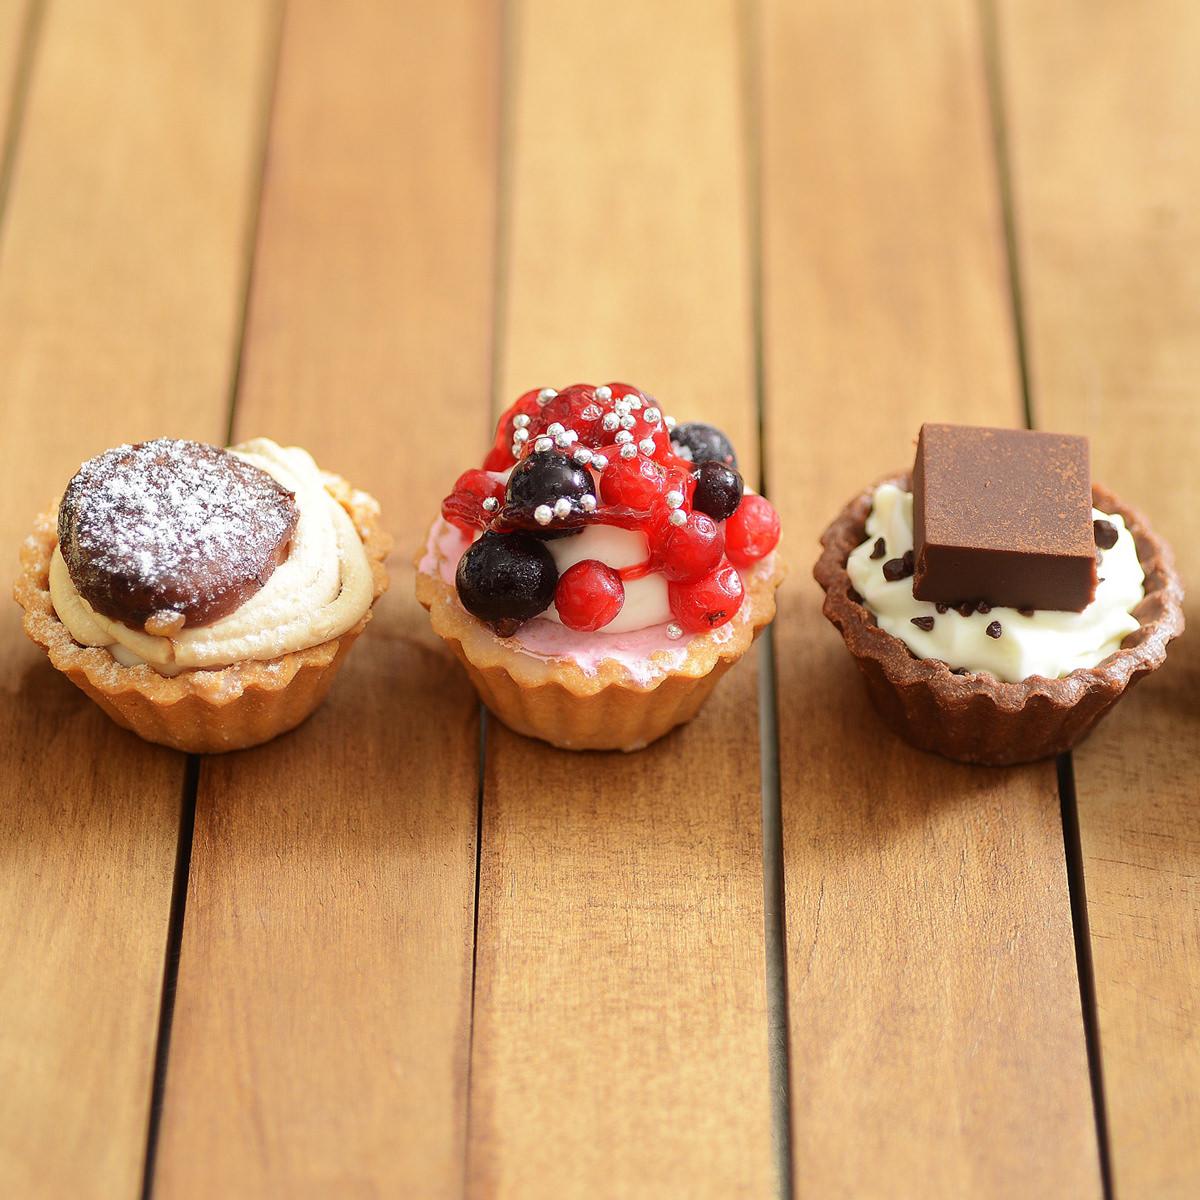 スタイル みにたるとセット 抹茶生チョコ モンブラン 人気のフレッシュタルトを詰め合わせ〔5種×全20個〕